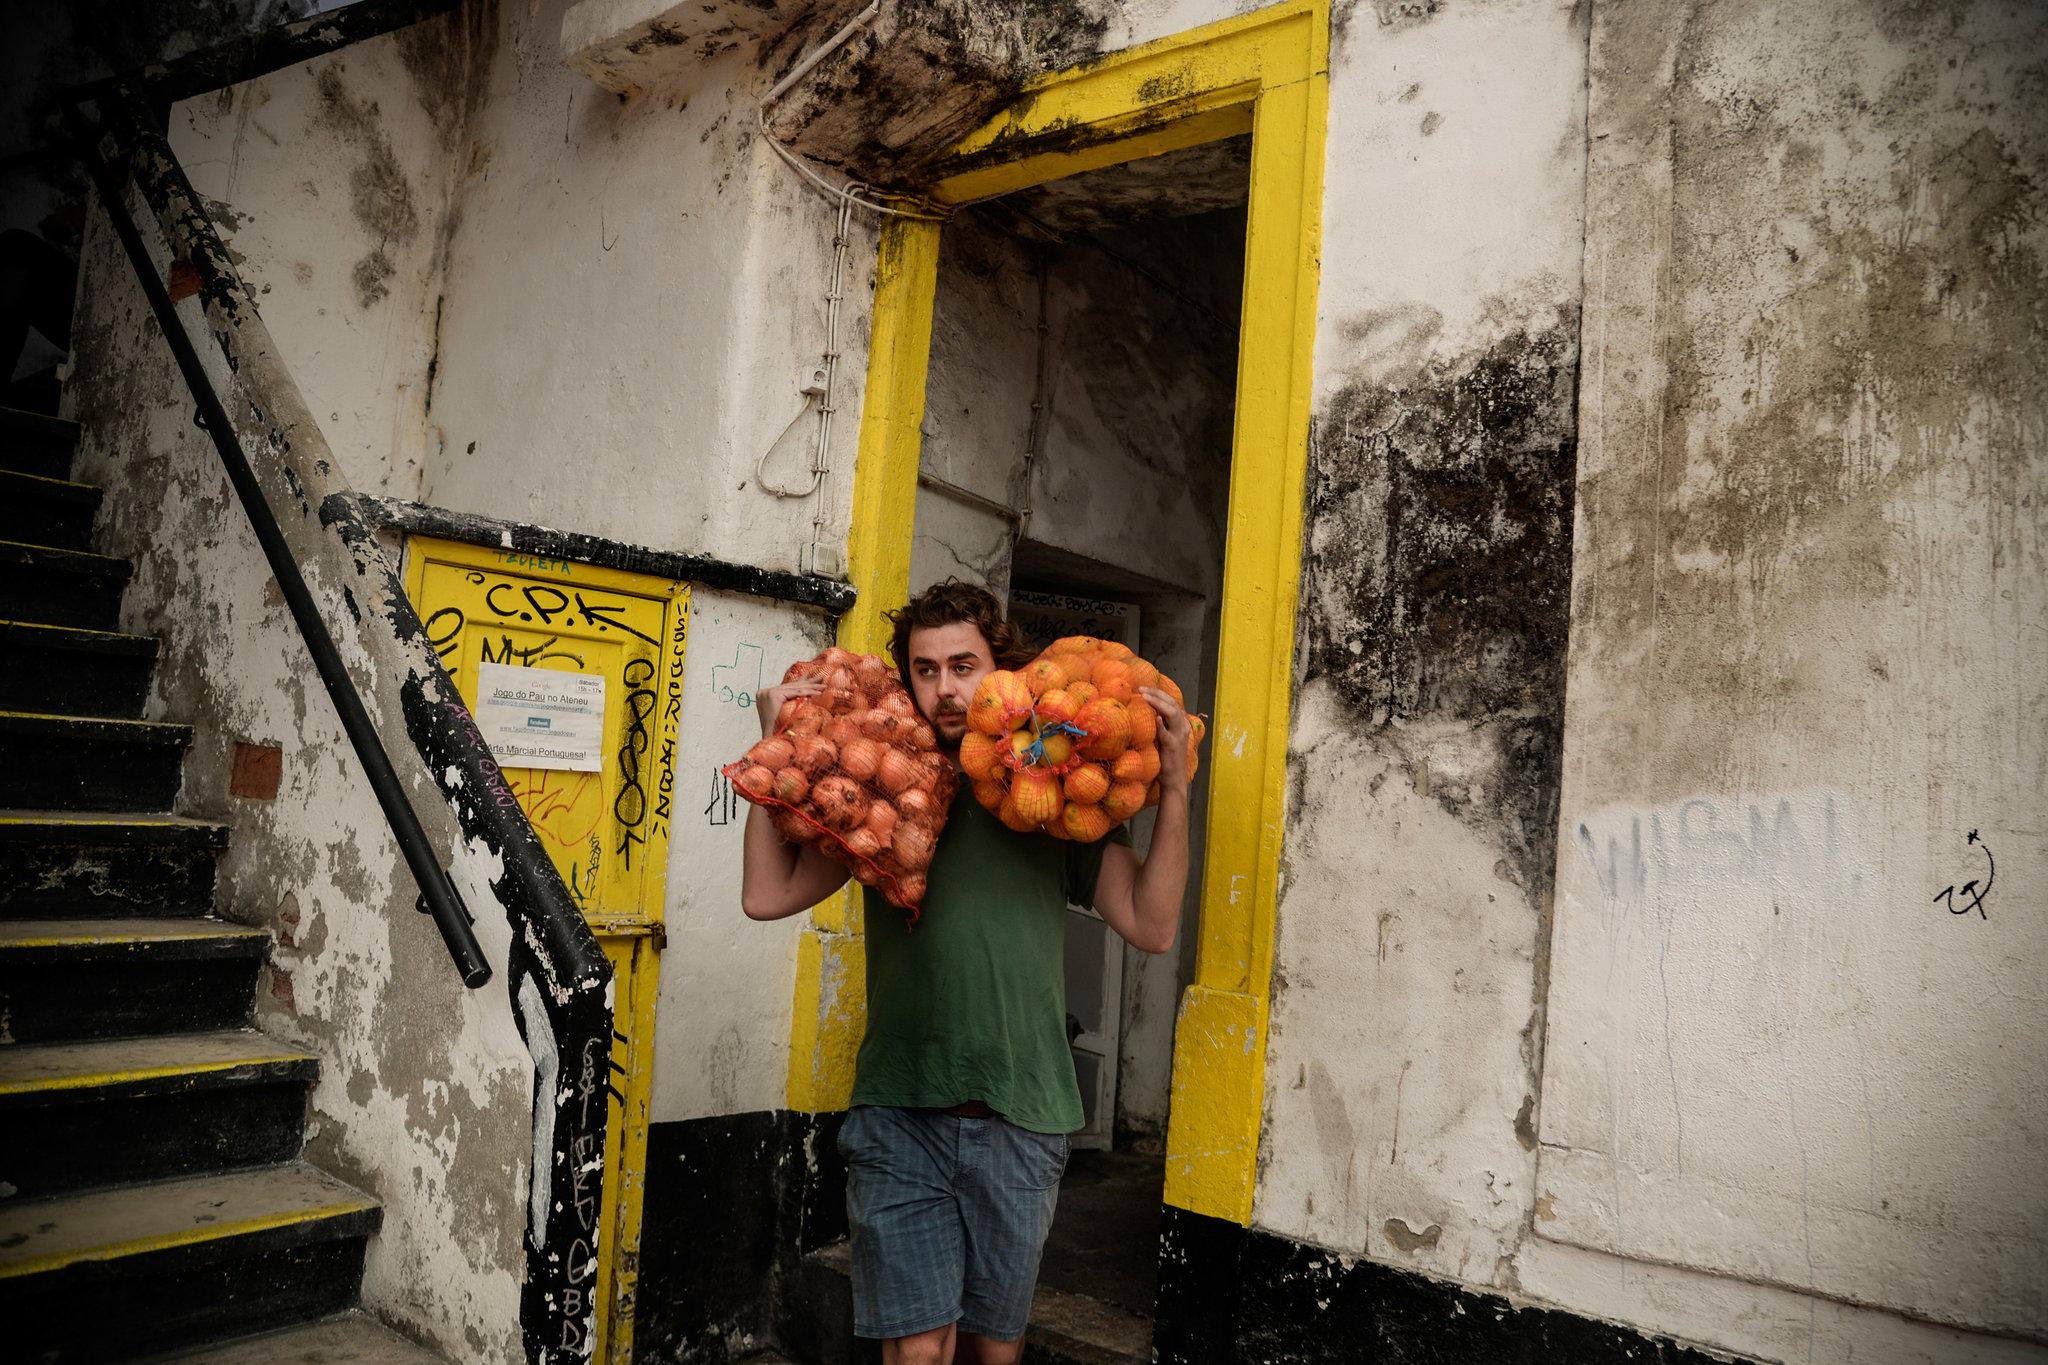 Фрукты и овощи, отбракованные Европой, спасает от свалки молодая компания